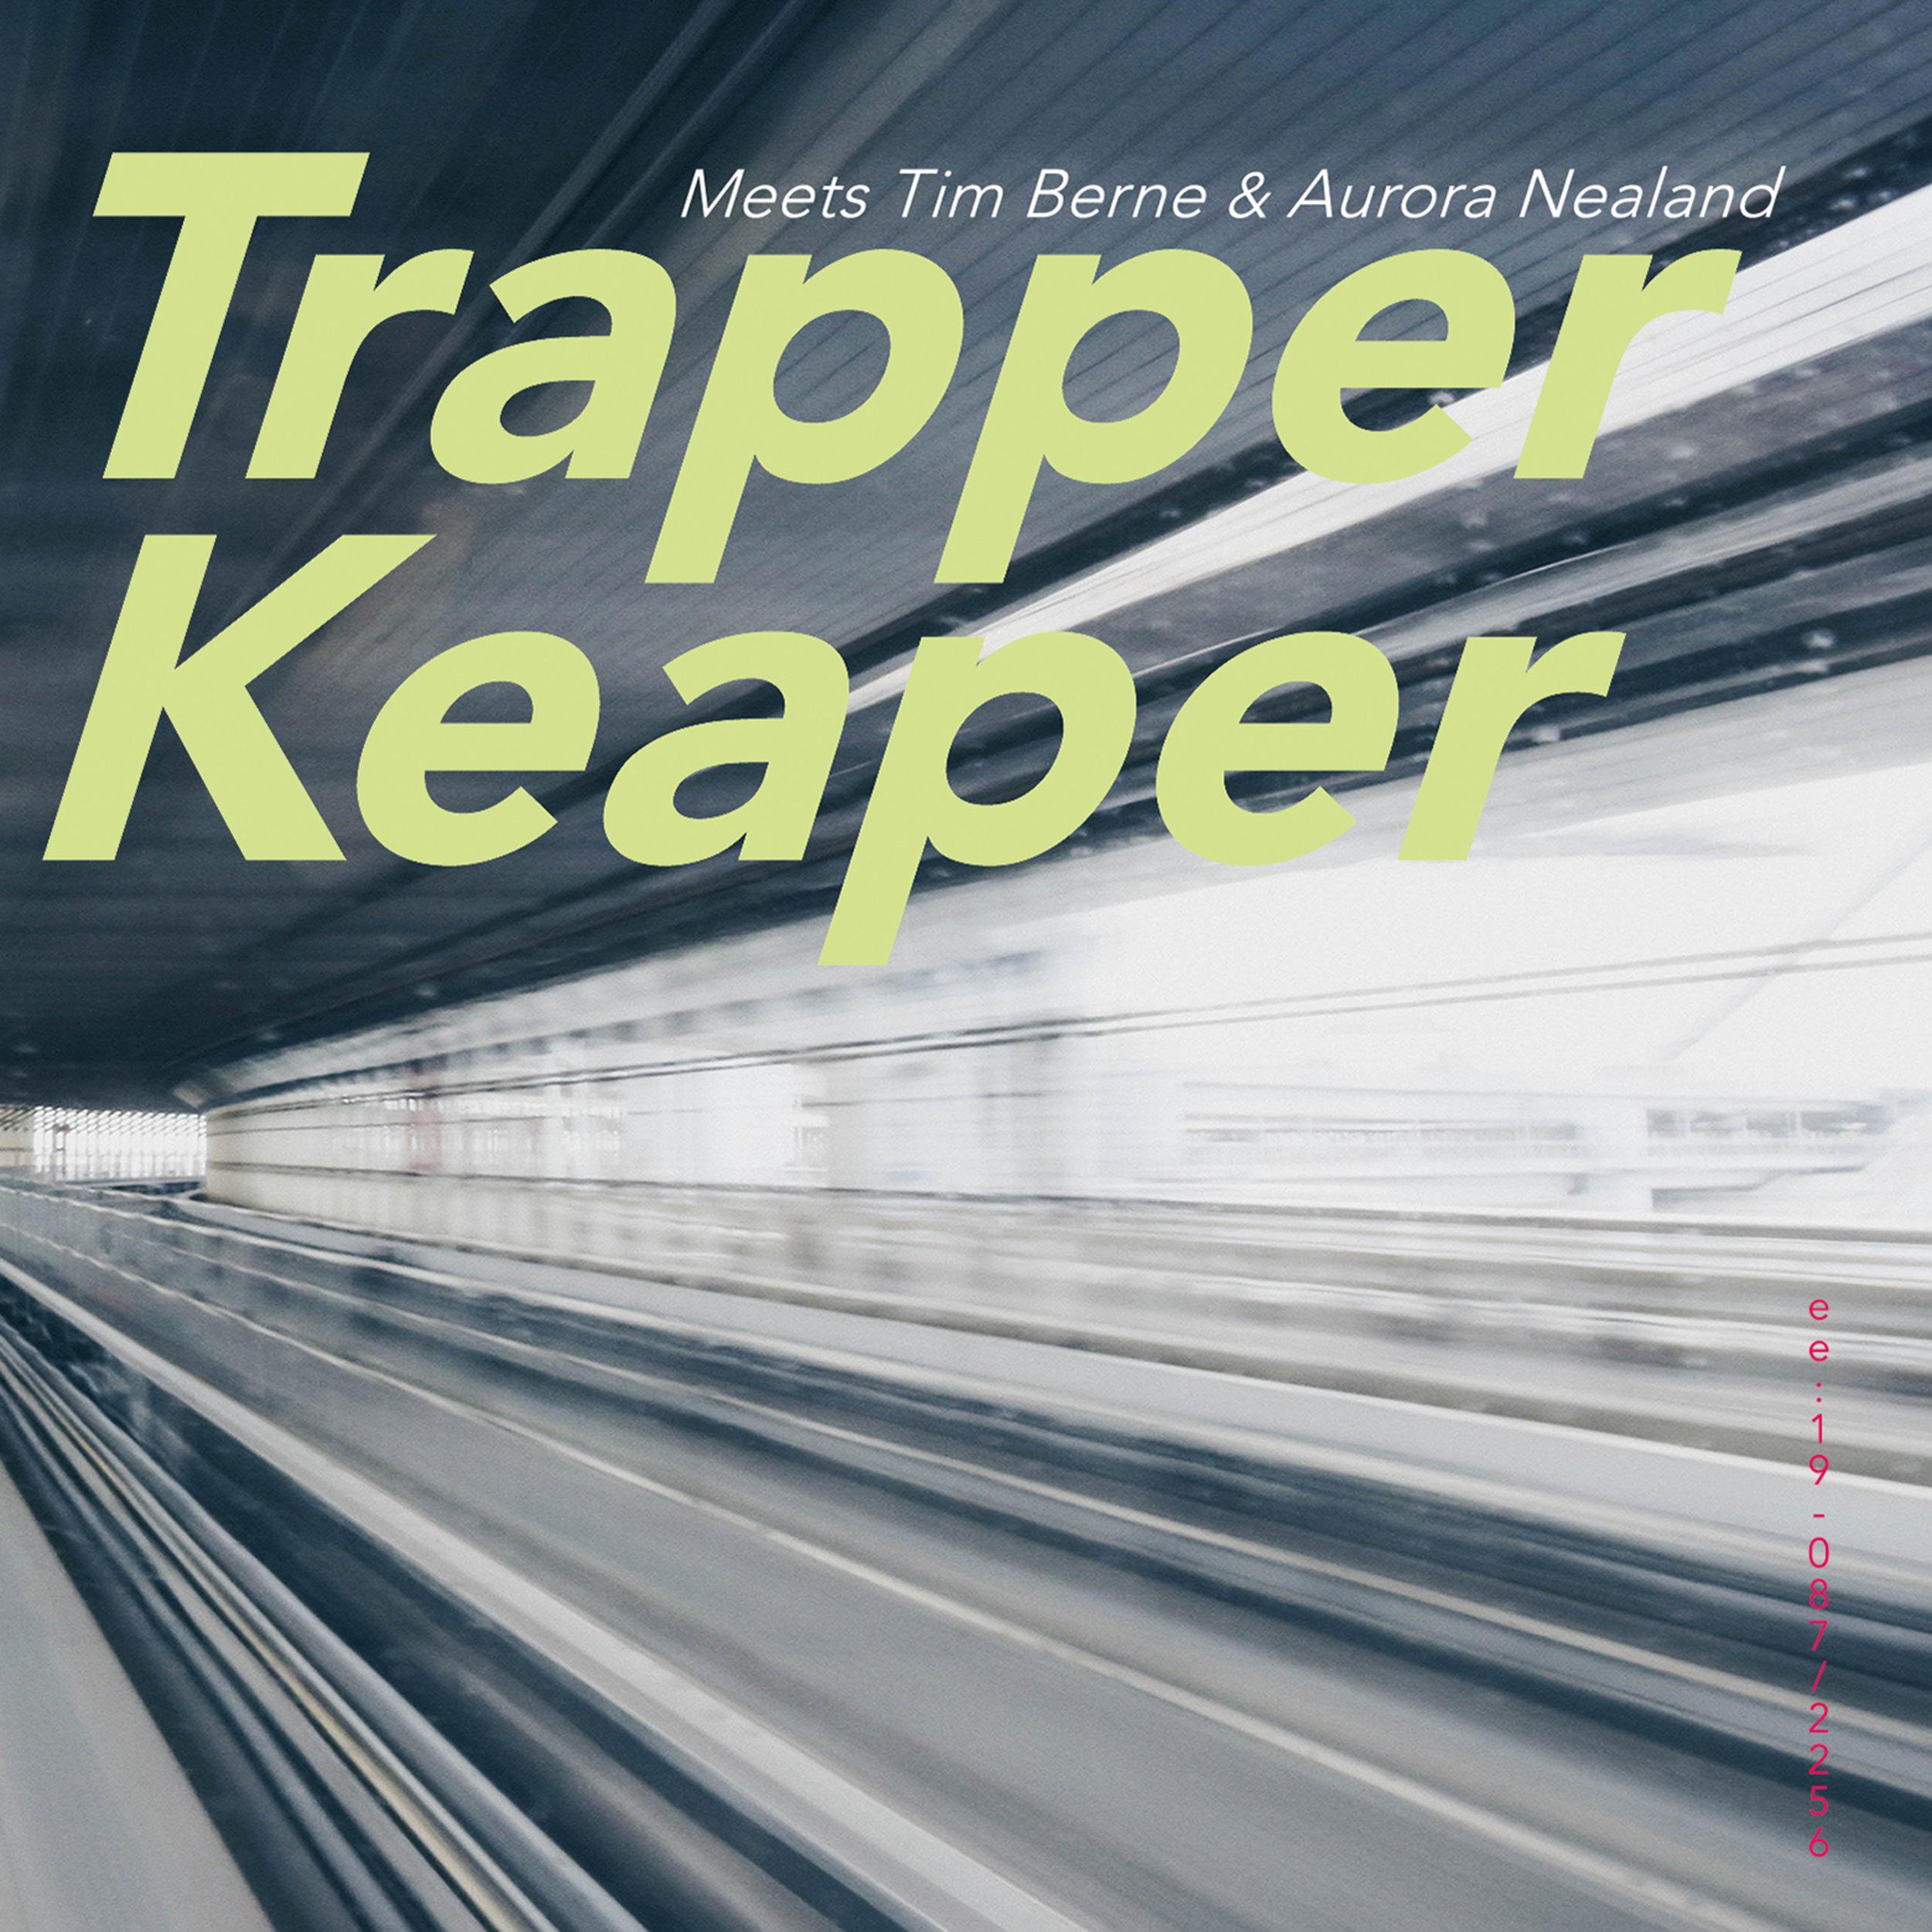 Trapper Keaper | Meets Tim Berne & Aurora Nealand   Releases in April CD/digital